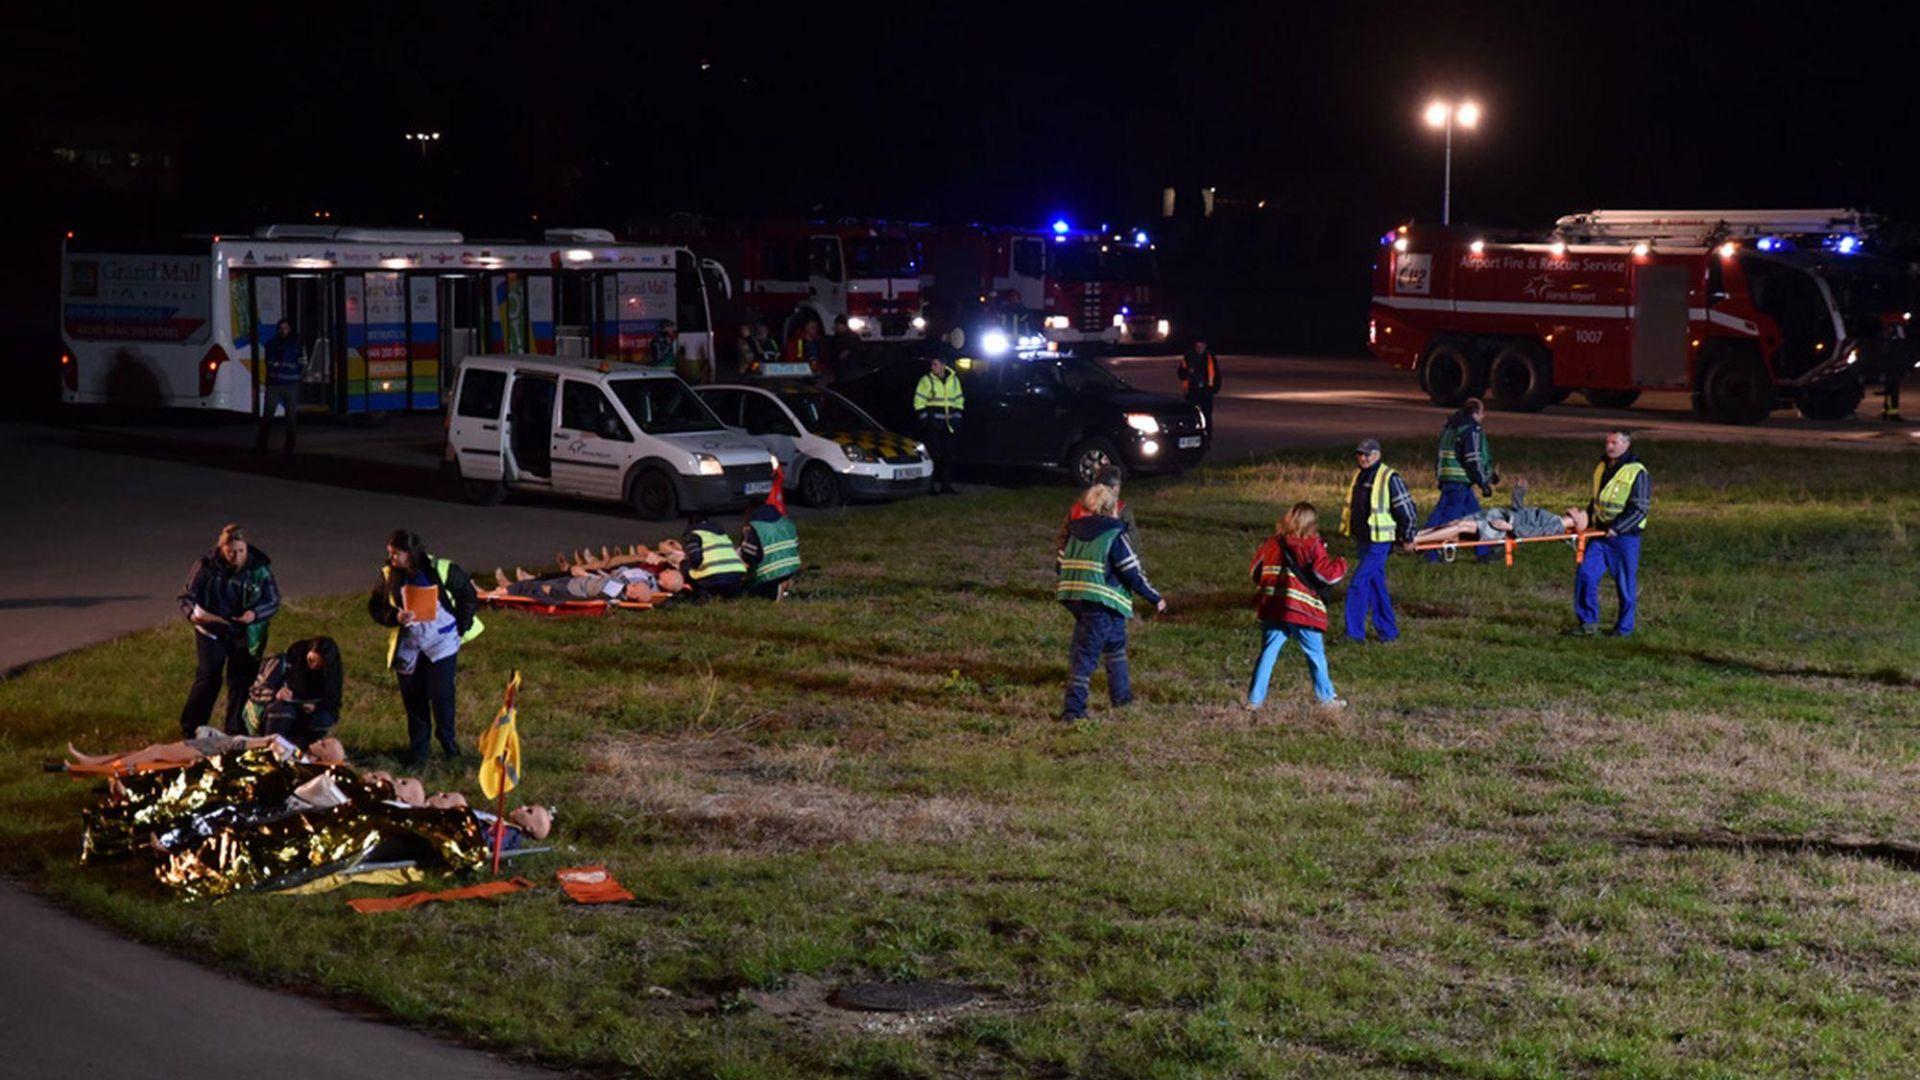 Голямо учебно учение за аварийно-спасителното осигуряване се проведе тази нощ